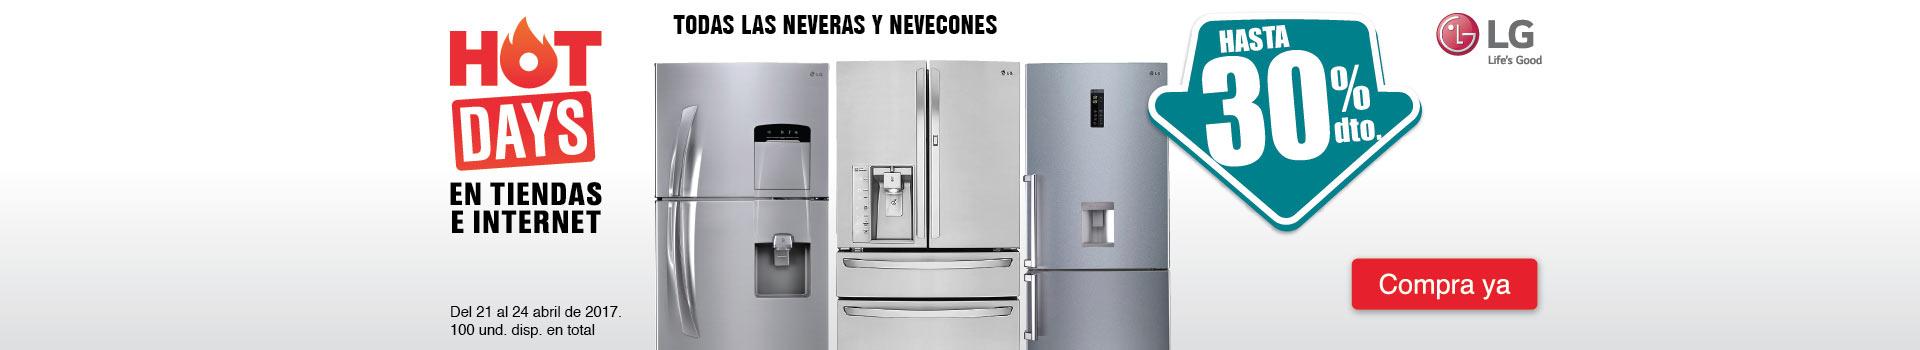 CAT NEV - abril 21 - Hasta 30%Dto en TODAS las neveras y nevecones marca LG